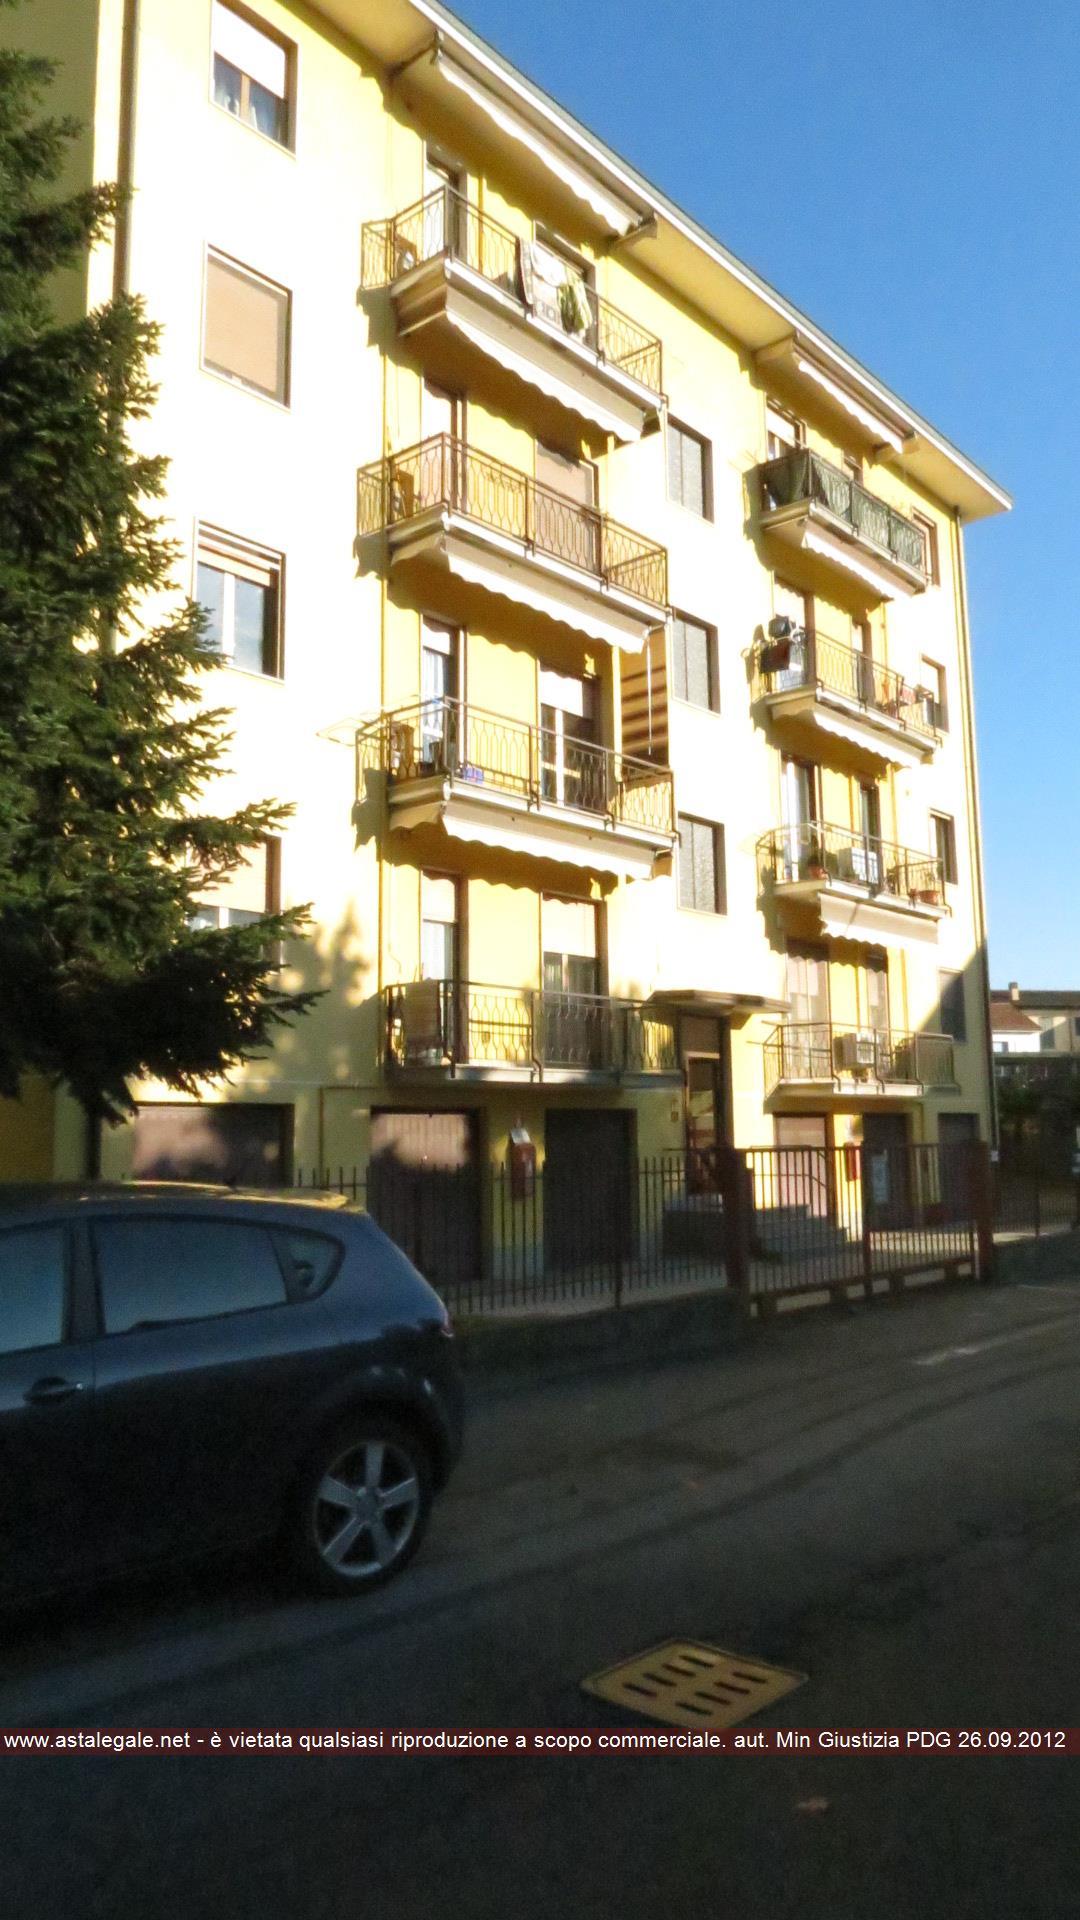 Tavazzano Con Villavesco (LO) Via Della Pesa 36